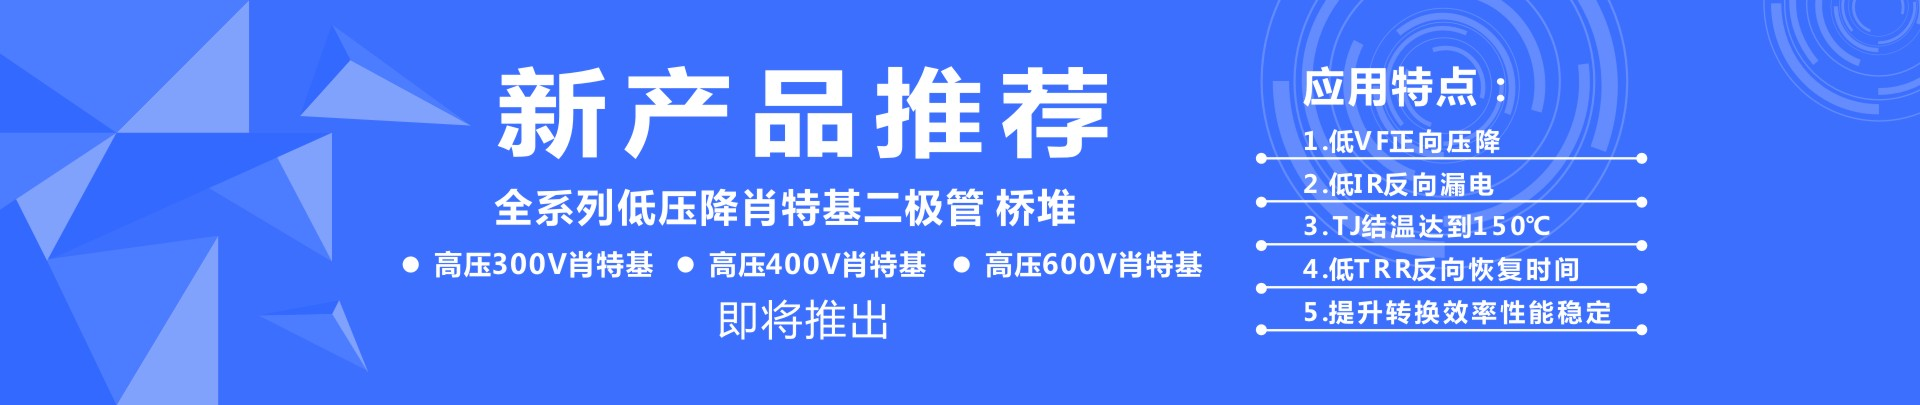 东莞市佑风微电子有限公司